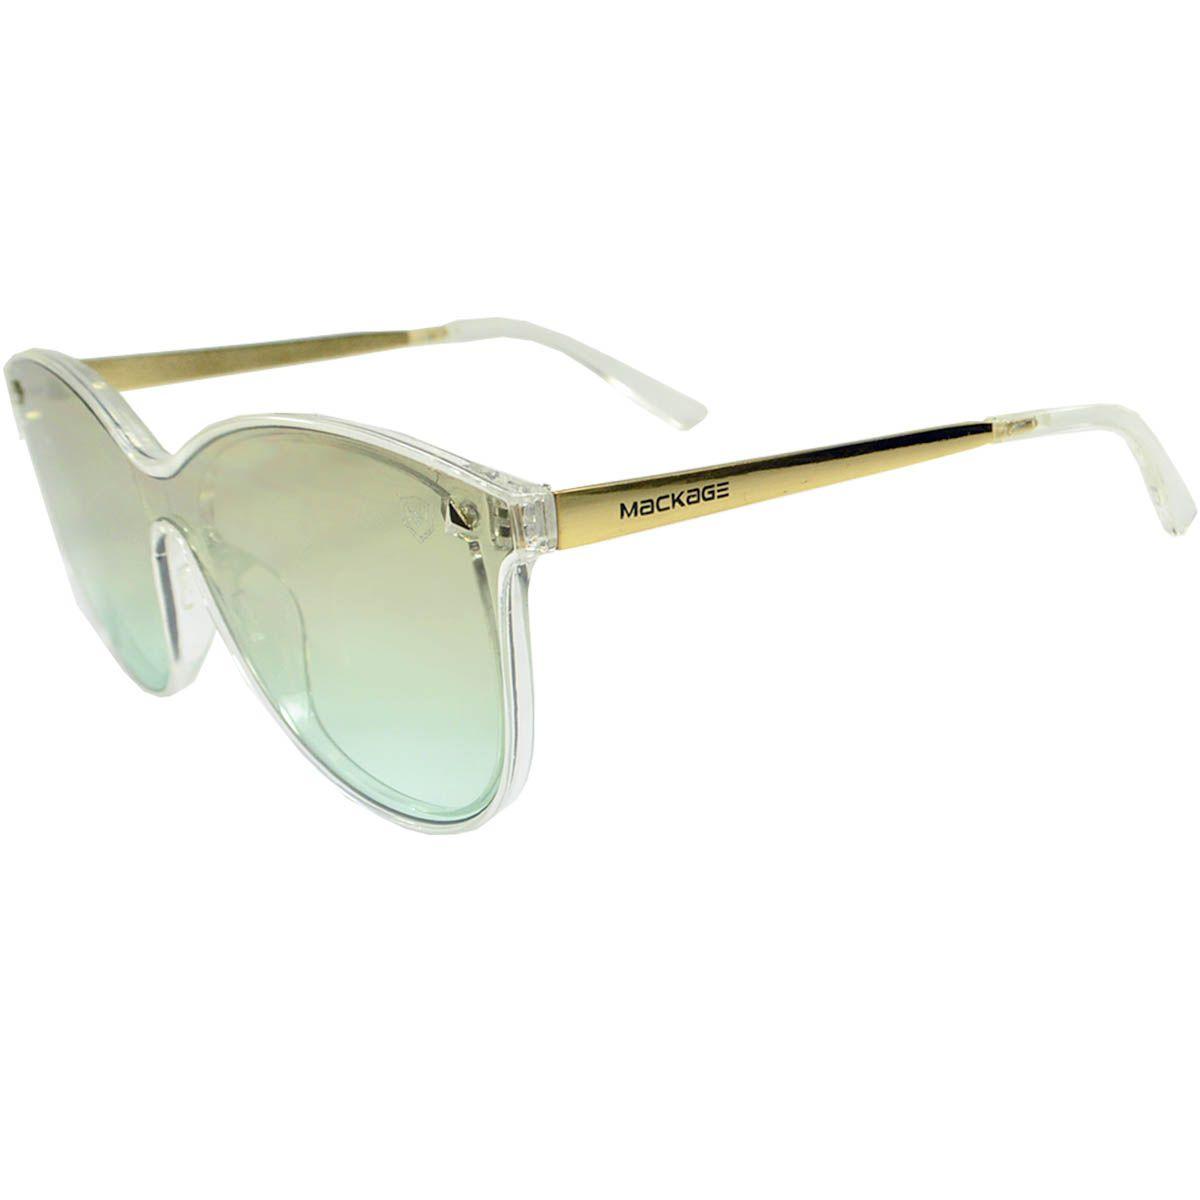 Óculos de Sol Mackage MK4633V Verde